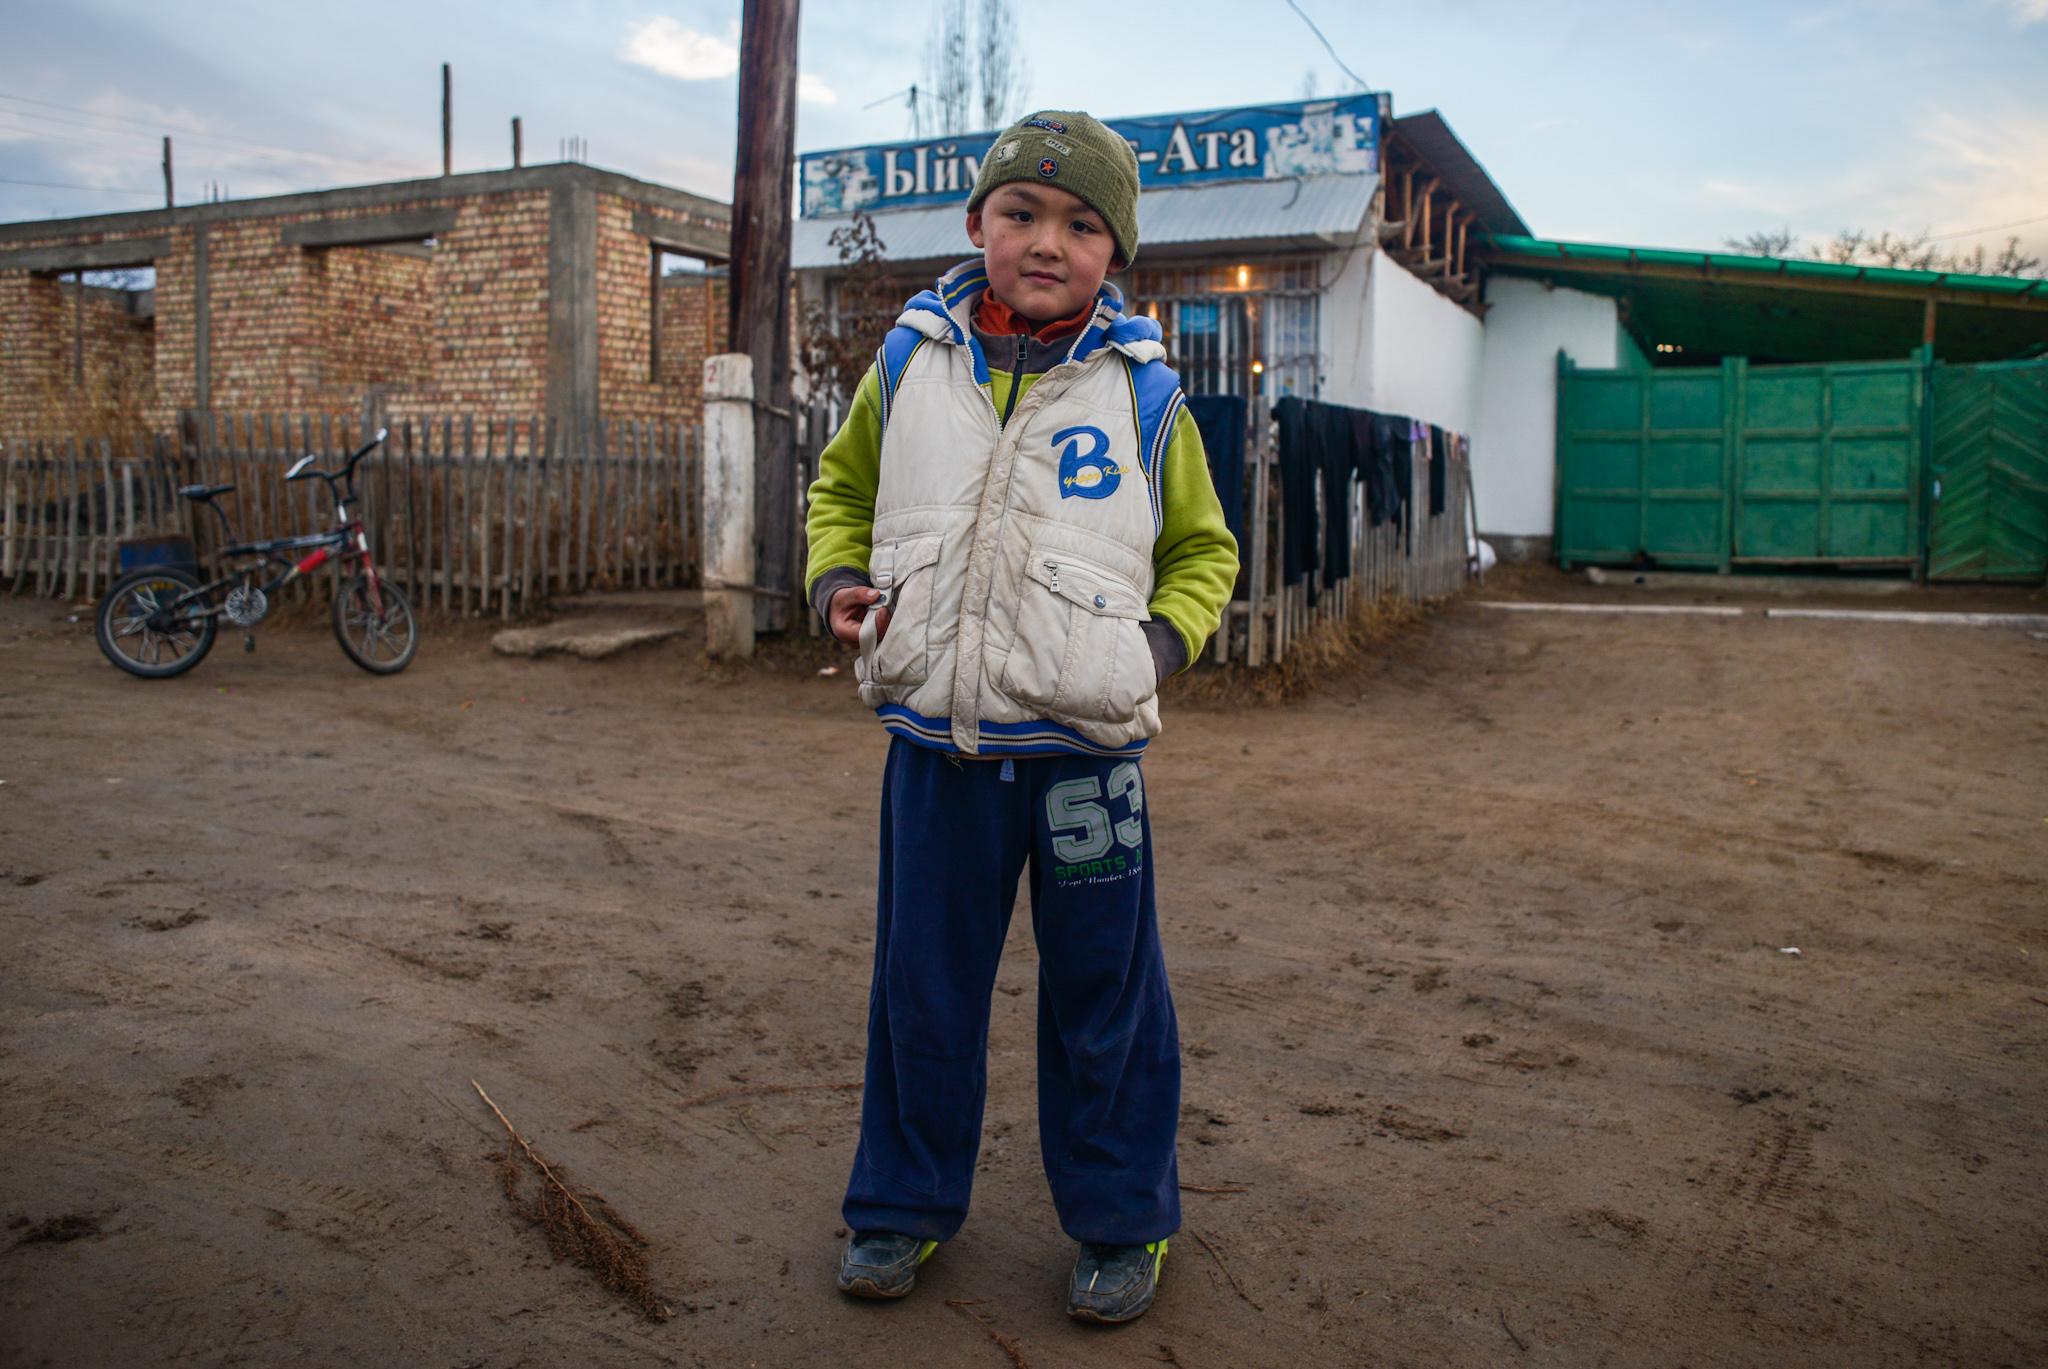 De Kyzyl-Suu à Kyzyl-Tuu